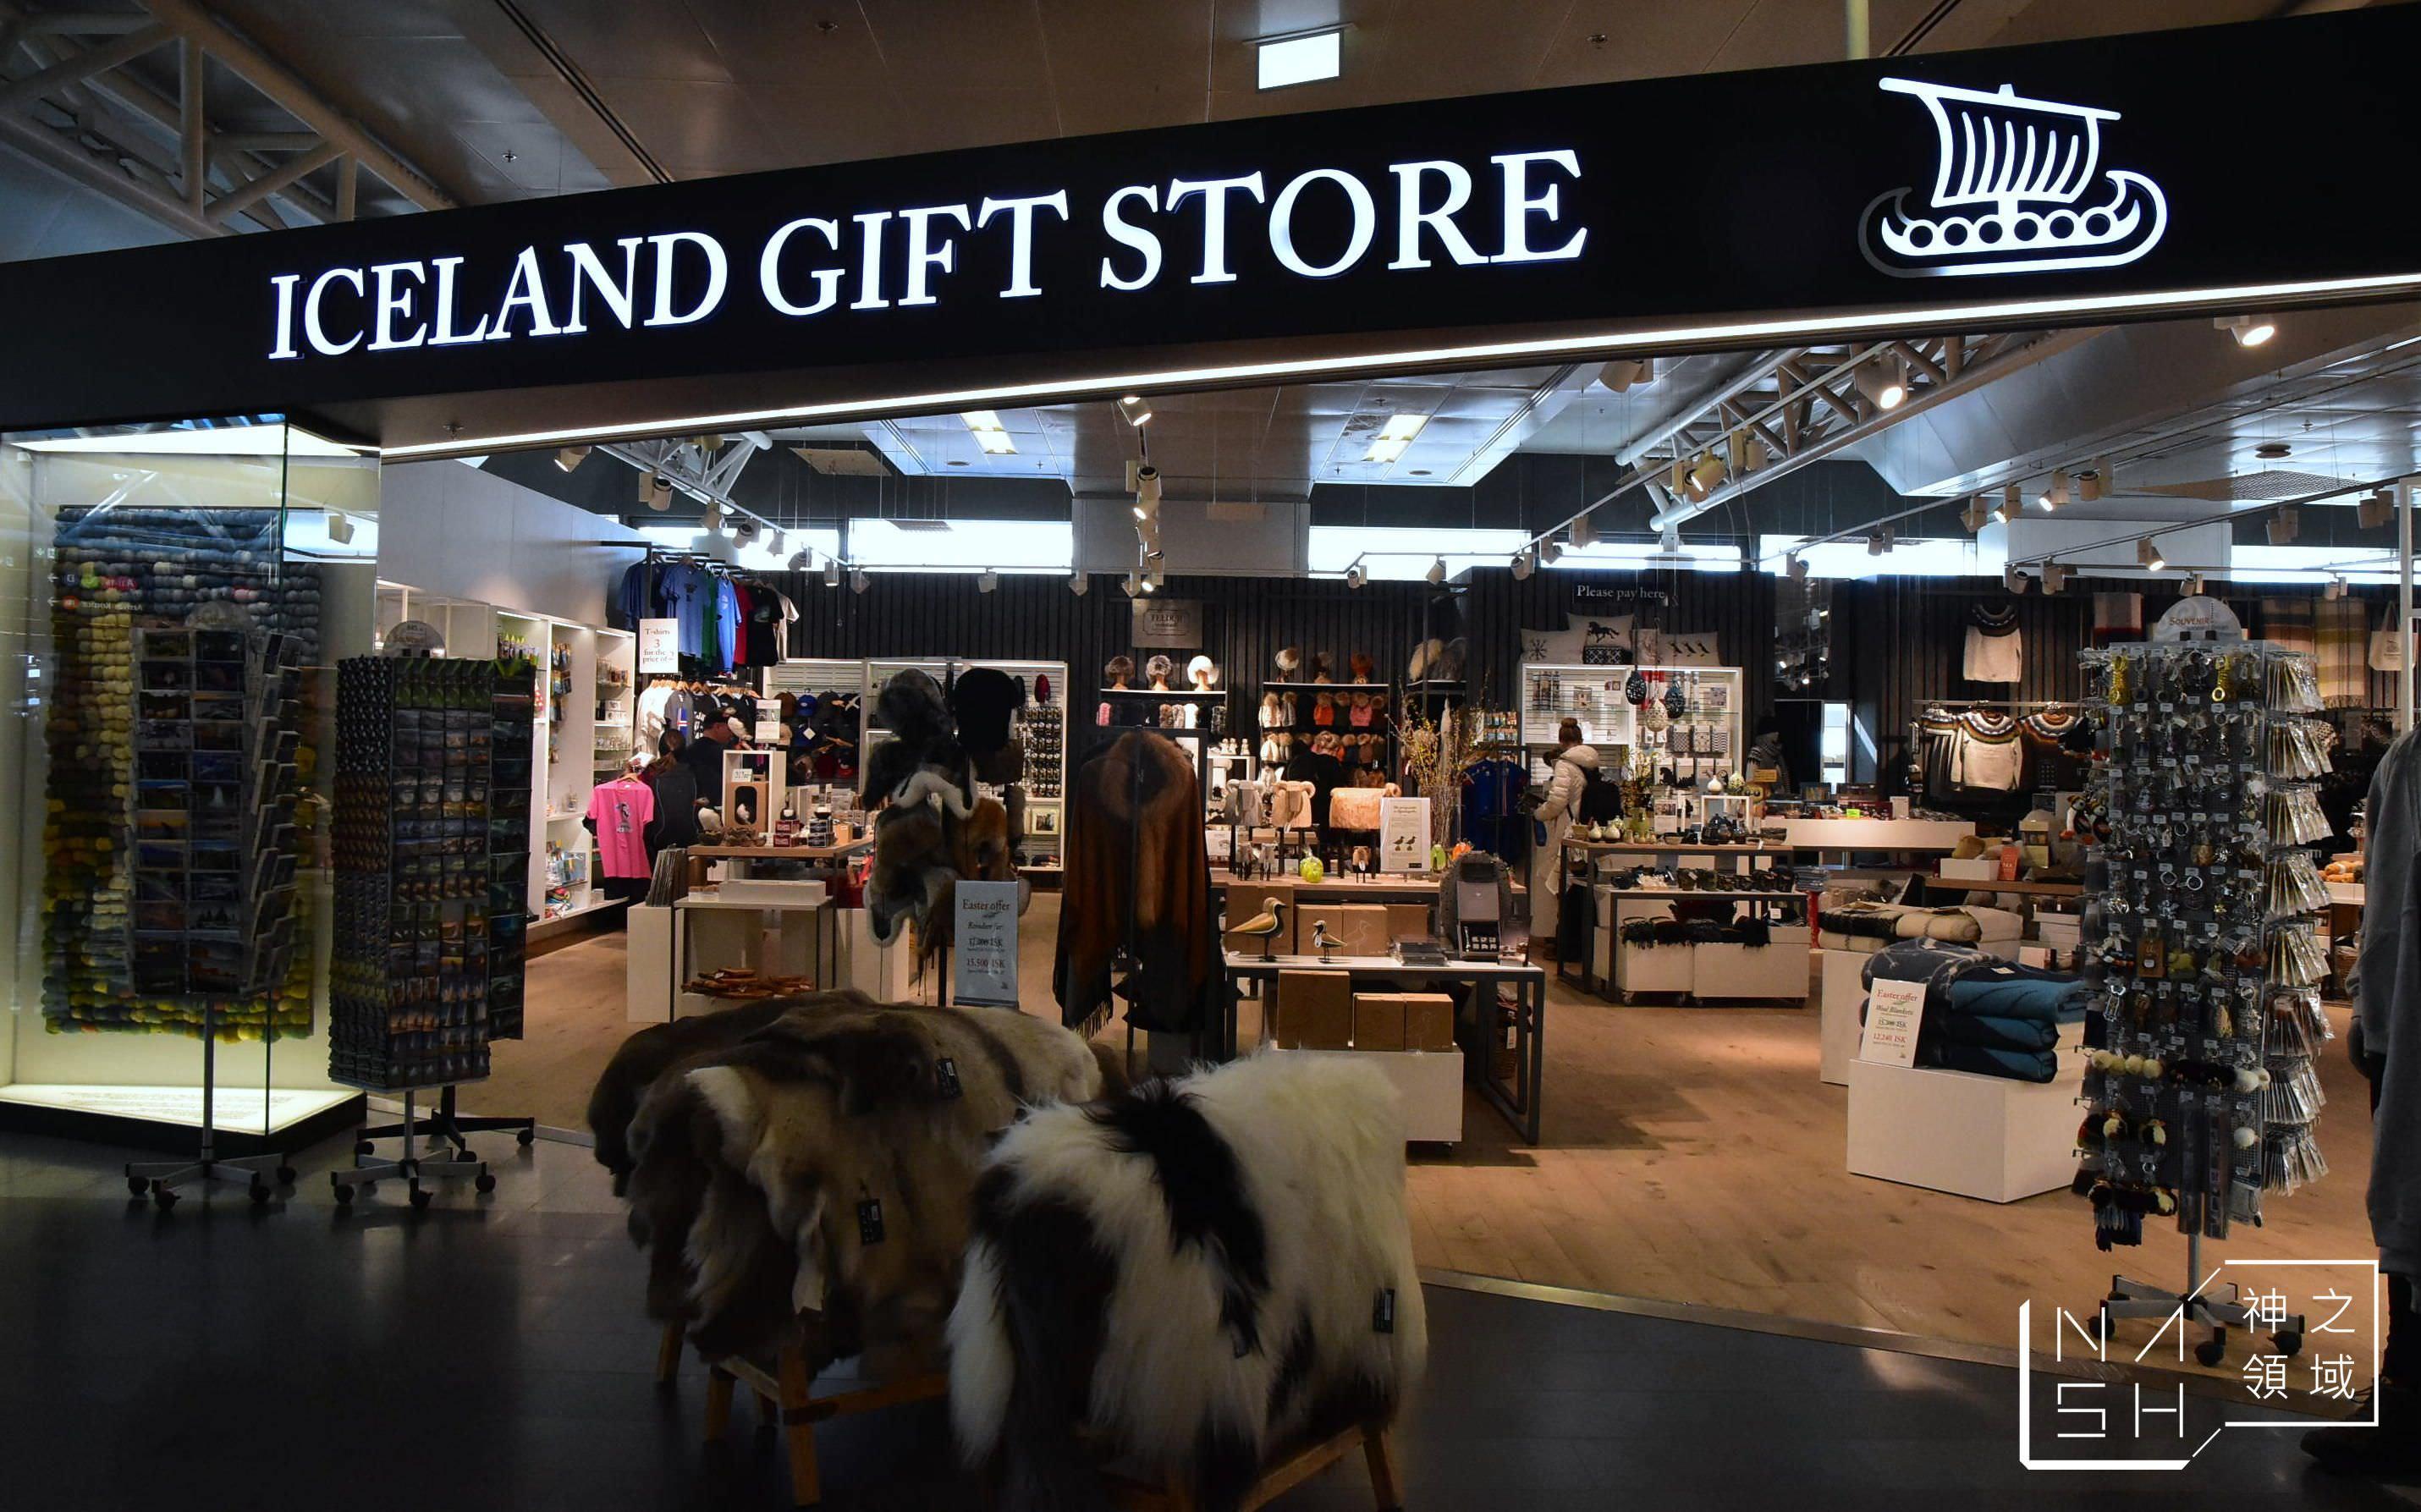 冰島機場,冰島機場退稅,冰島機場sim卡,冰島機場網卡,冰島機場租車,冰島機場市區,冰島機場必買,冰島機場免稅